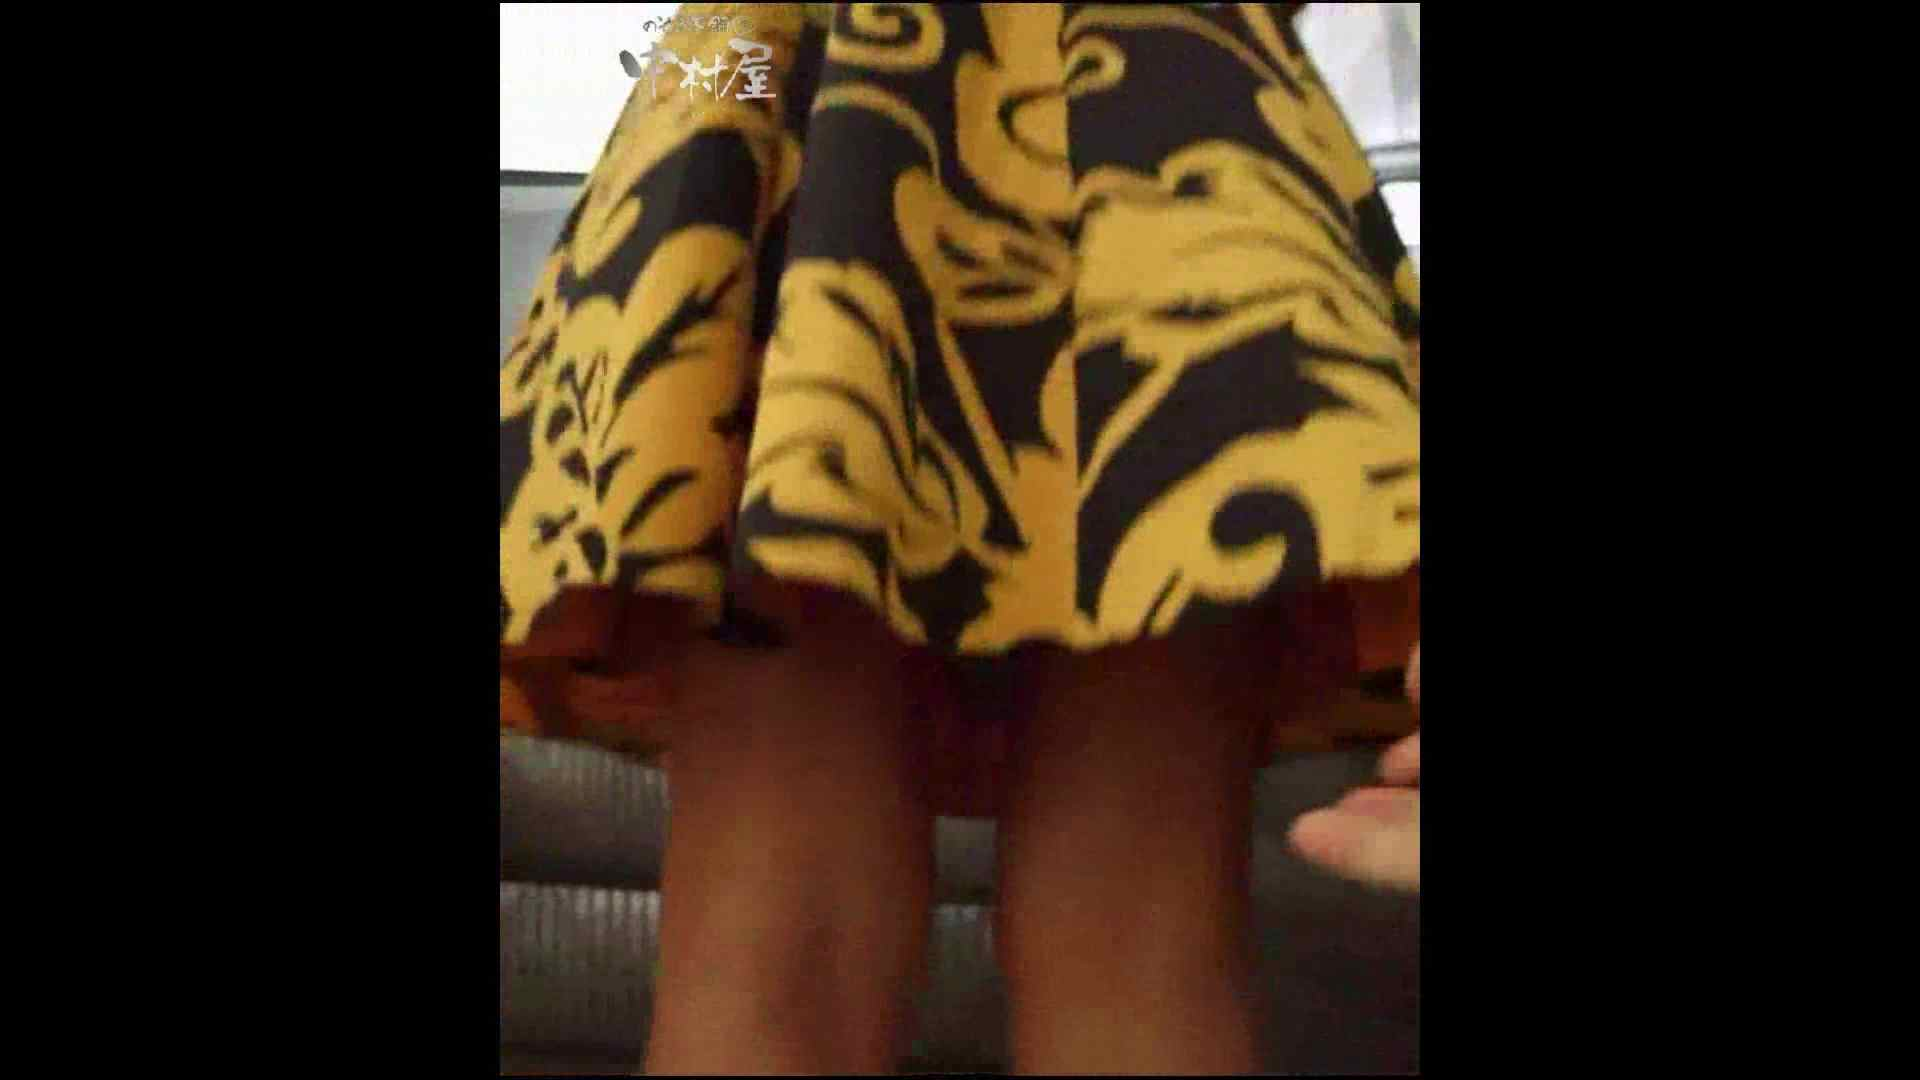 綺麗なモデルさんのスカート捲っちゃおう‼ vol21 お姉さんヌード  100画像 96